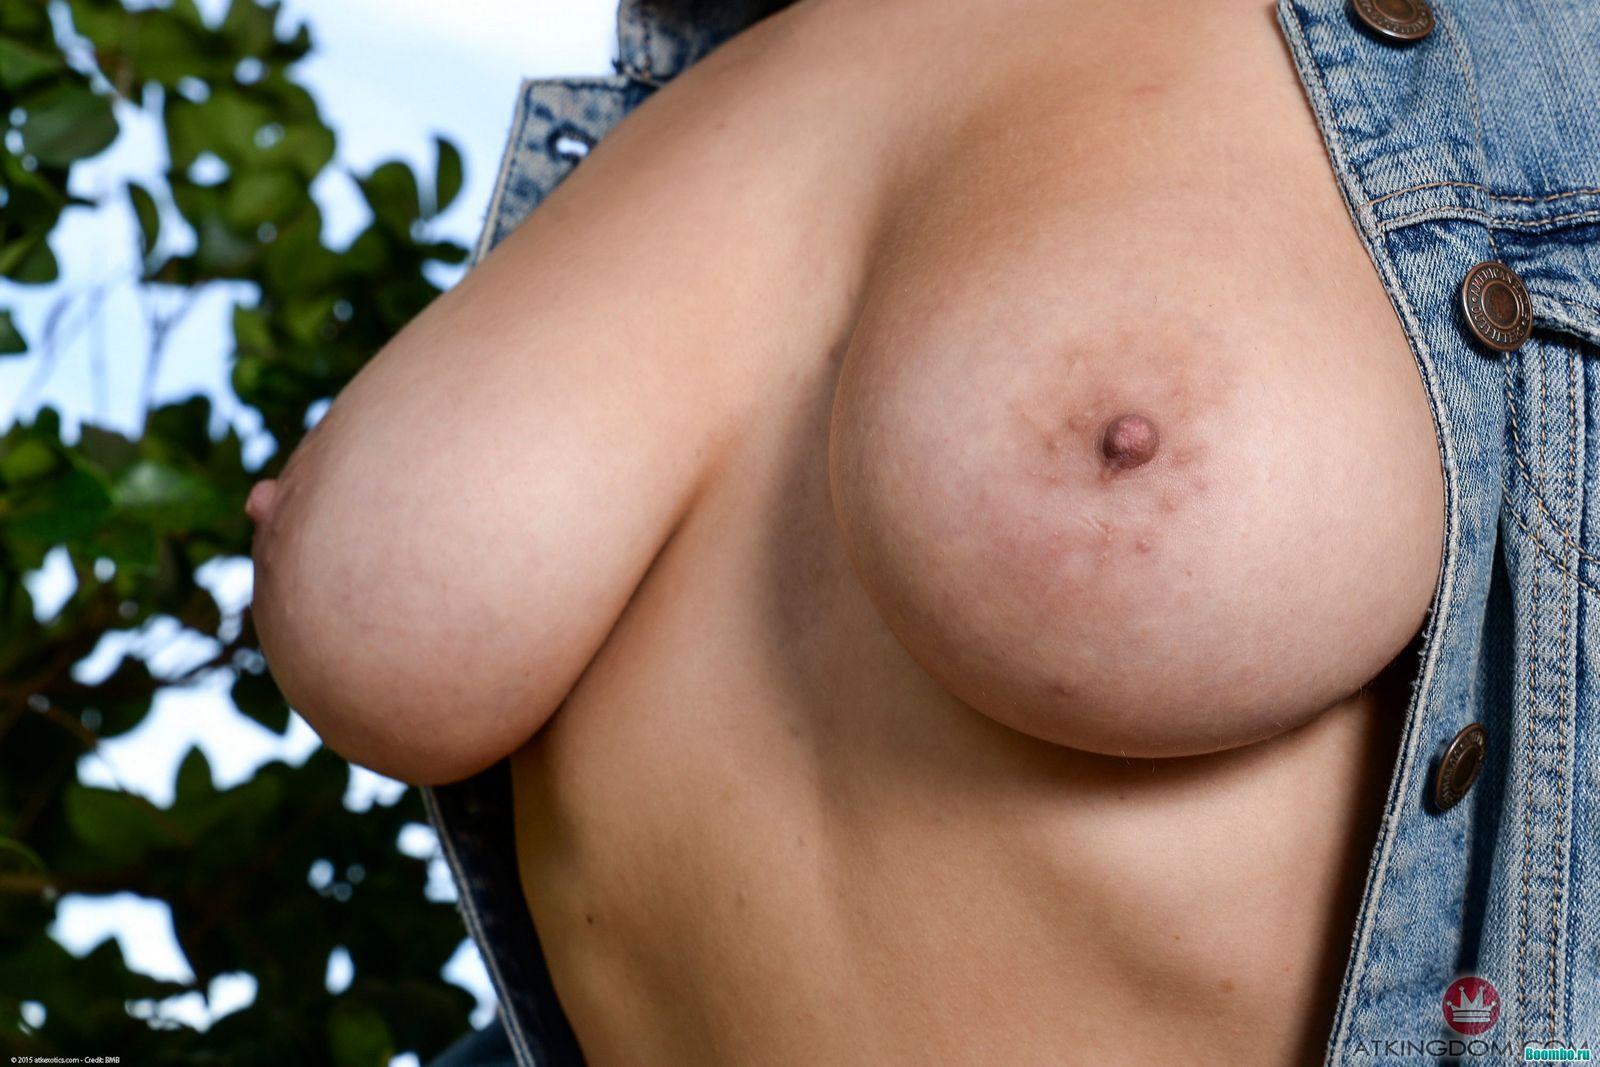 Фото большие и обвисшие сиськи, Фото женщин с отвисшими сиськами Частные порно 3 фотография